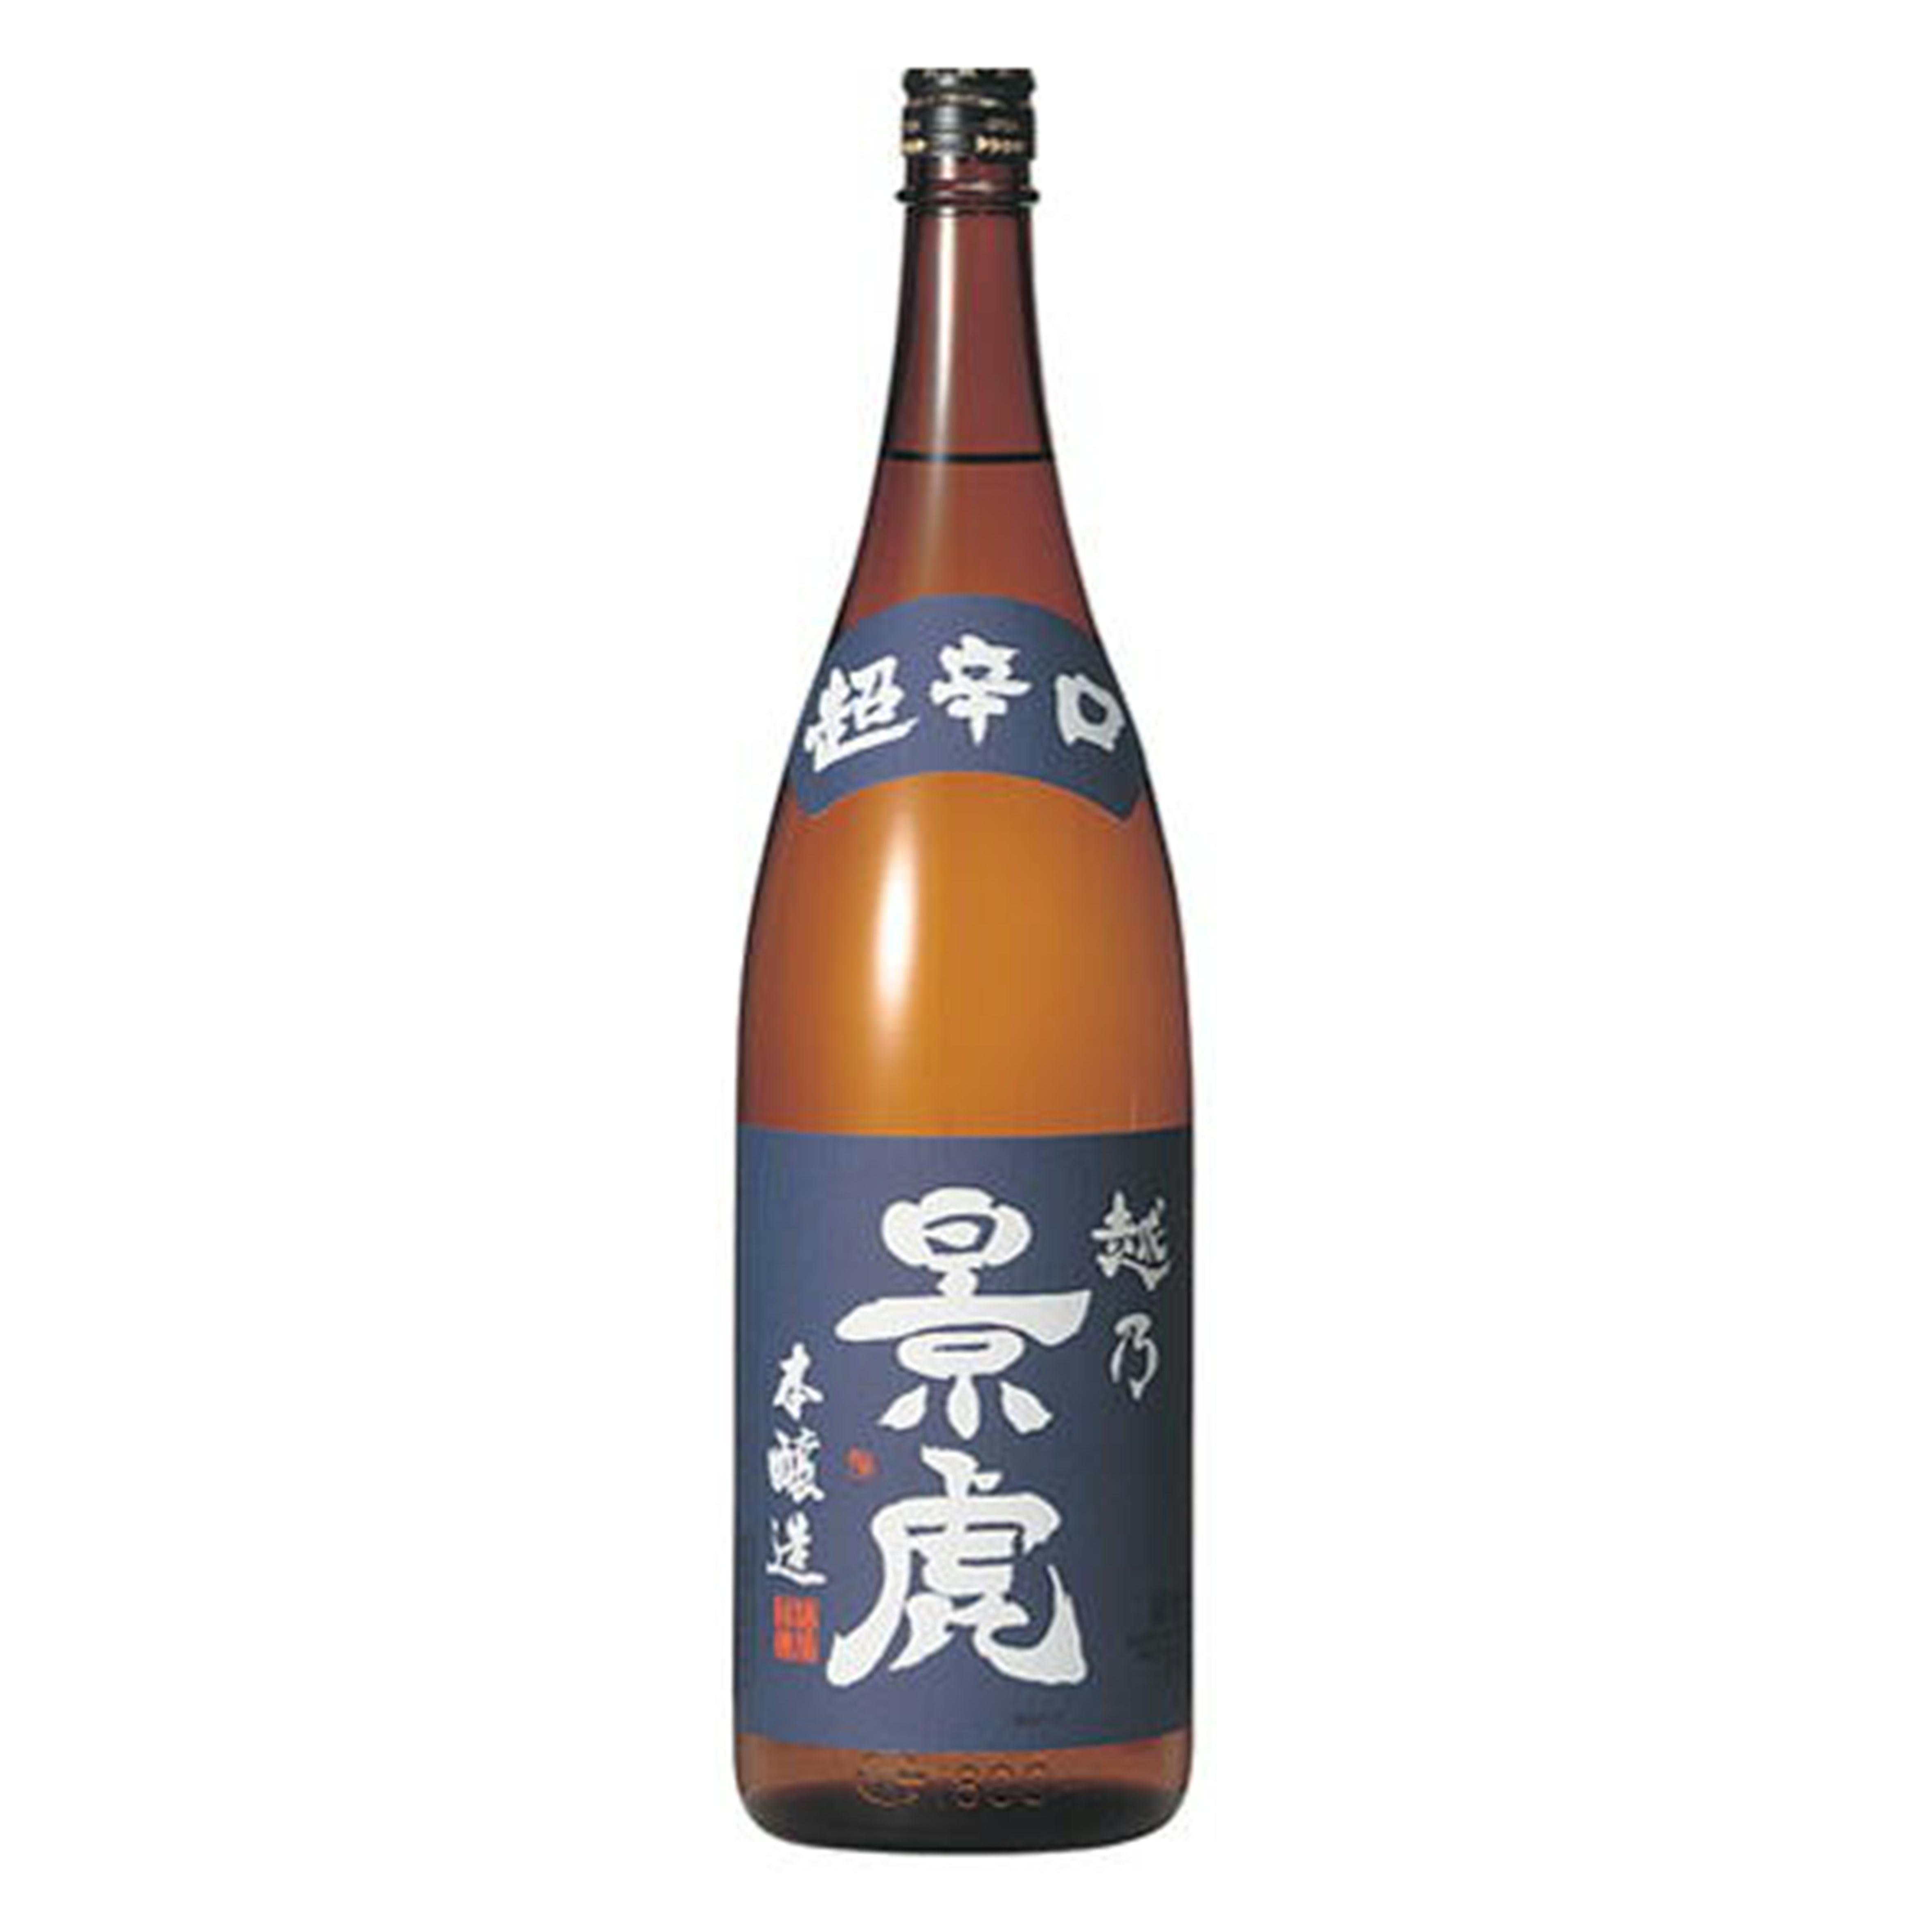 越乃景虎 超辛口本醸造 1800ml